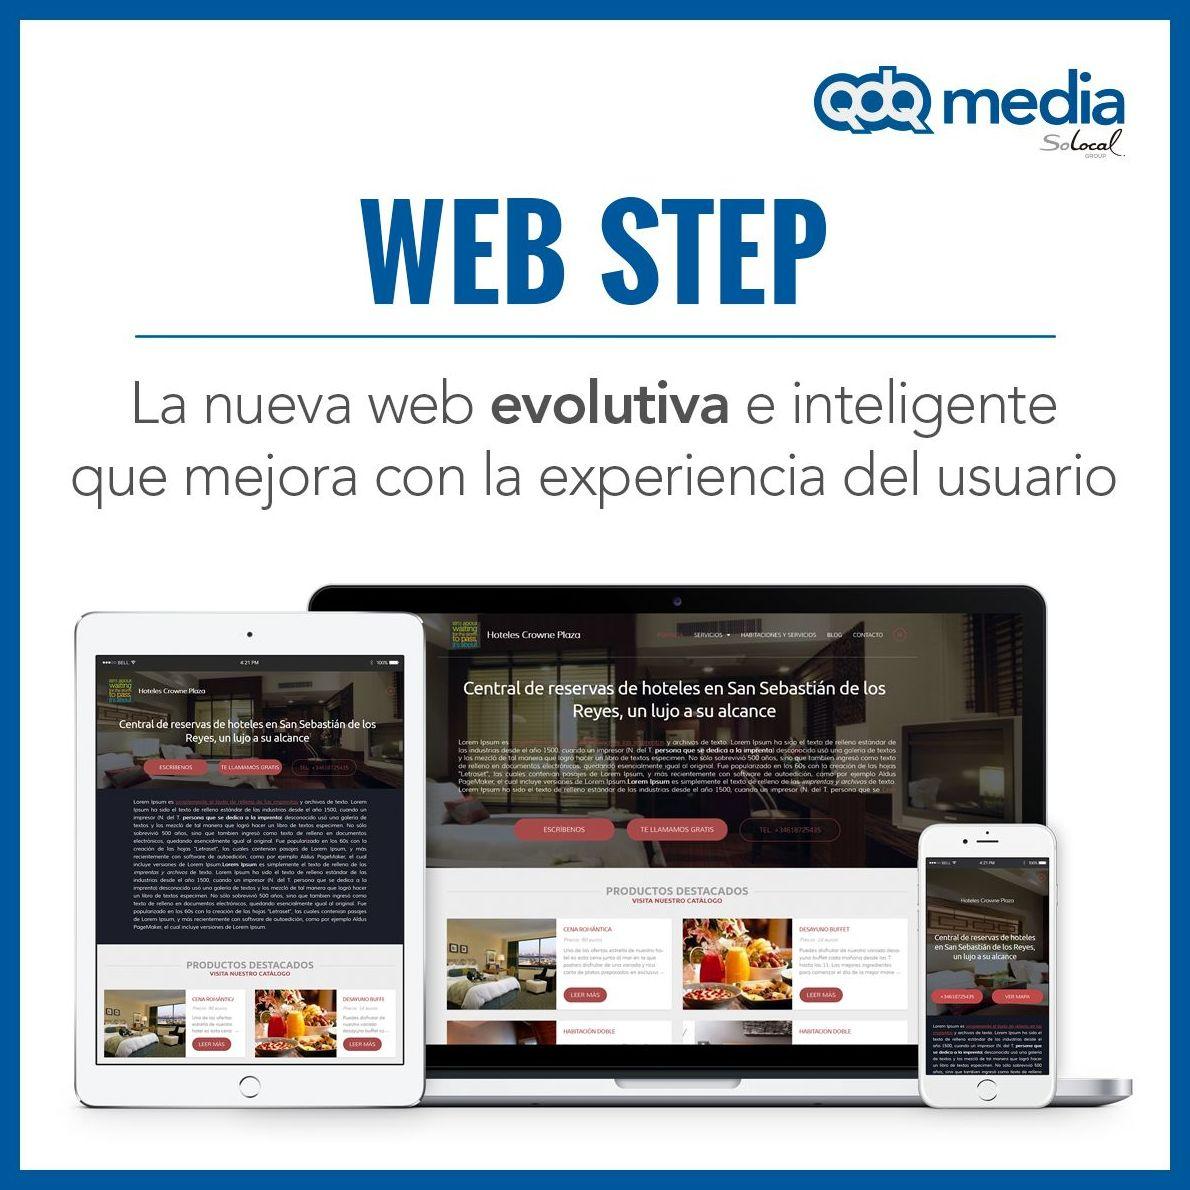 Foto 1 de Diseño de páginas web en Madrid | QDQ media